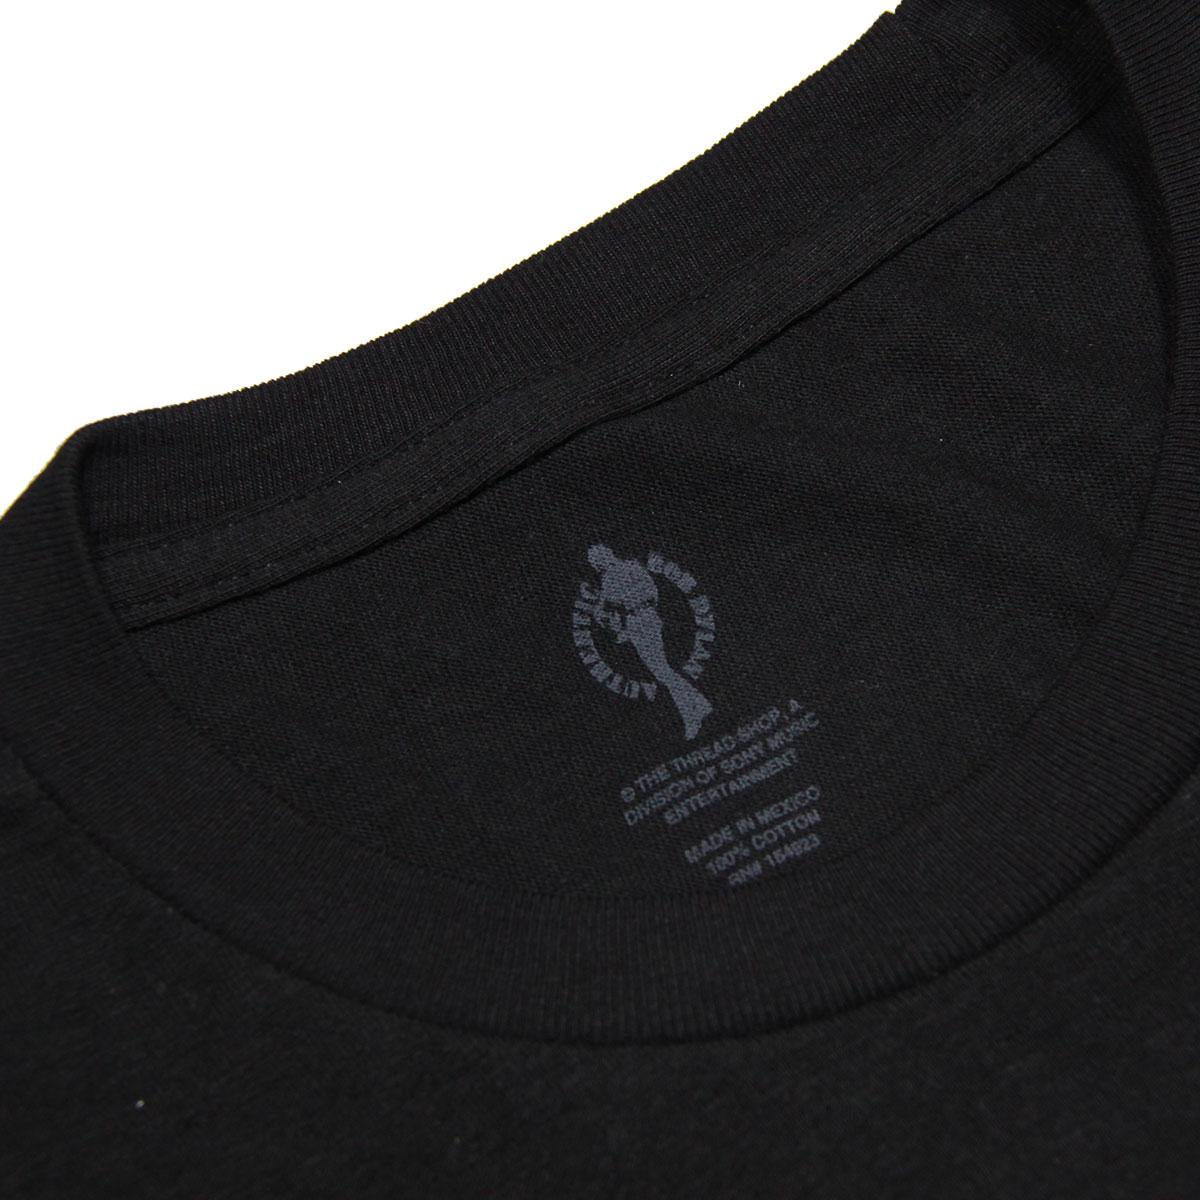 ミュージックティ バンドTシャツ メンズ 正規品 MUSIC TEE フォトT ロックTシャツ 半袖Tシャツ ボブディラン BOB DYLAN LAKE A ROLLING STONE MUSIC TEE AB5B B1C C1D D1E E13F